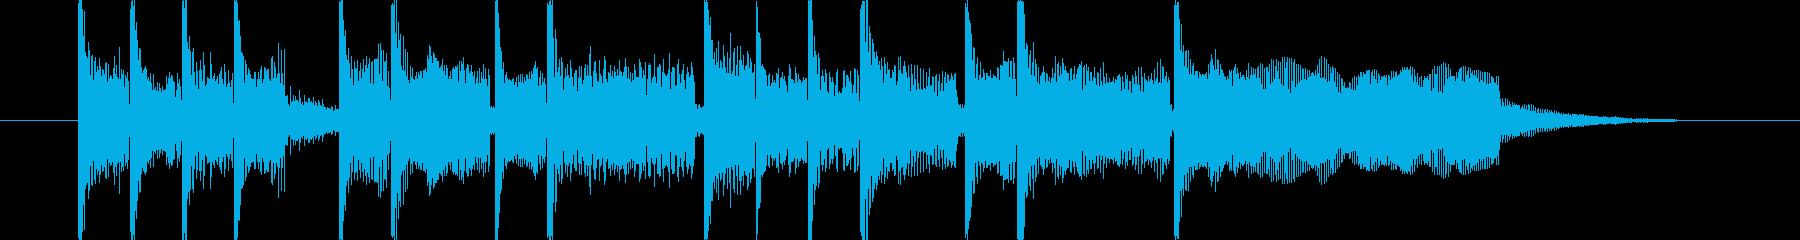 競走対戦レース出走前のファンファーレ風味の再生済みの波形